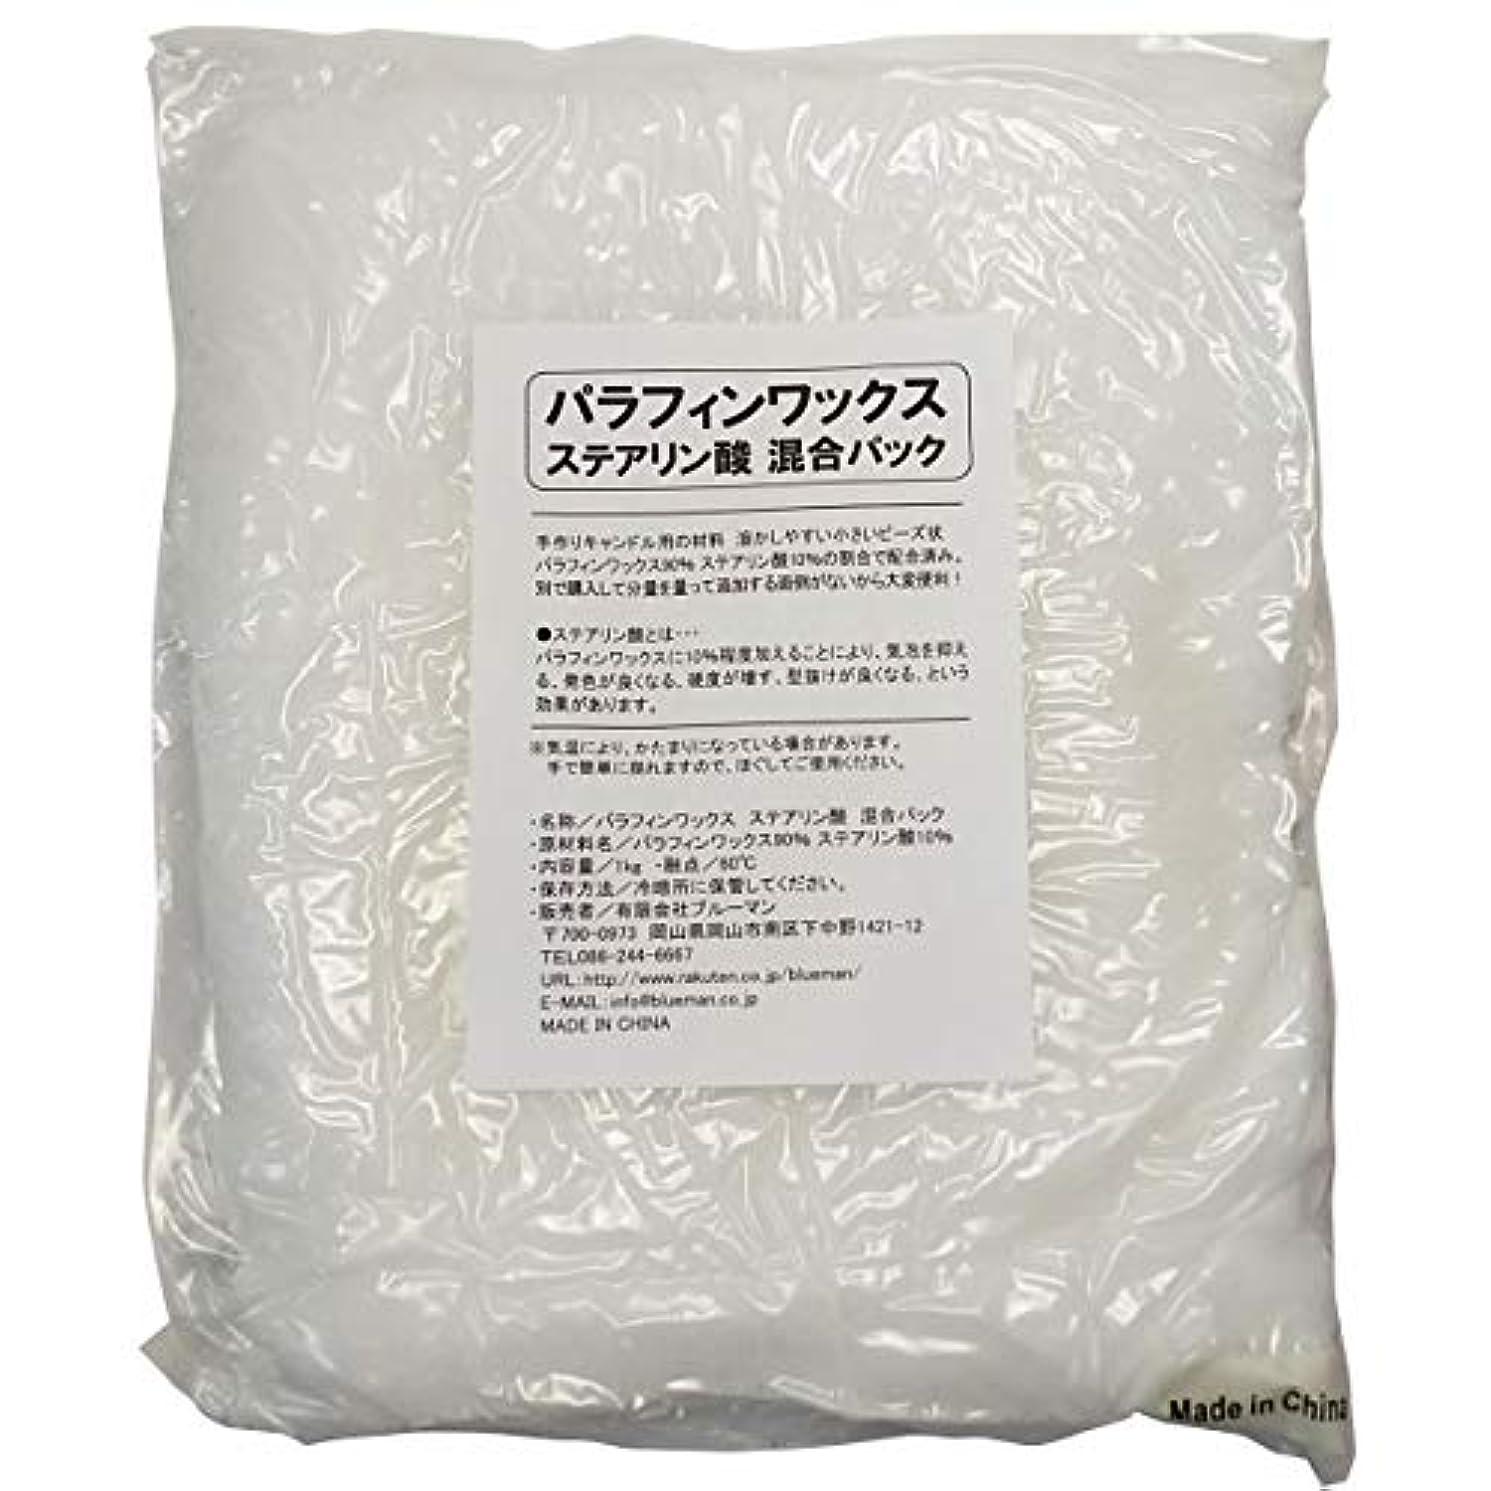 失業力学信頼性のあるパラフィンワックス ステアリン酸 混合パック 1kg×7袋【手作りキャンドル 材料 アロマワックスバー】